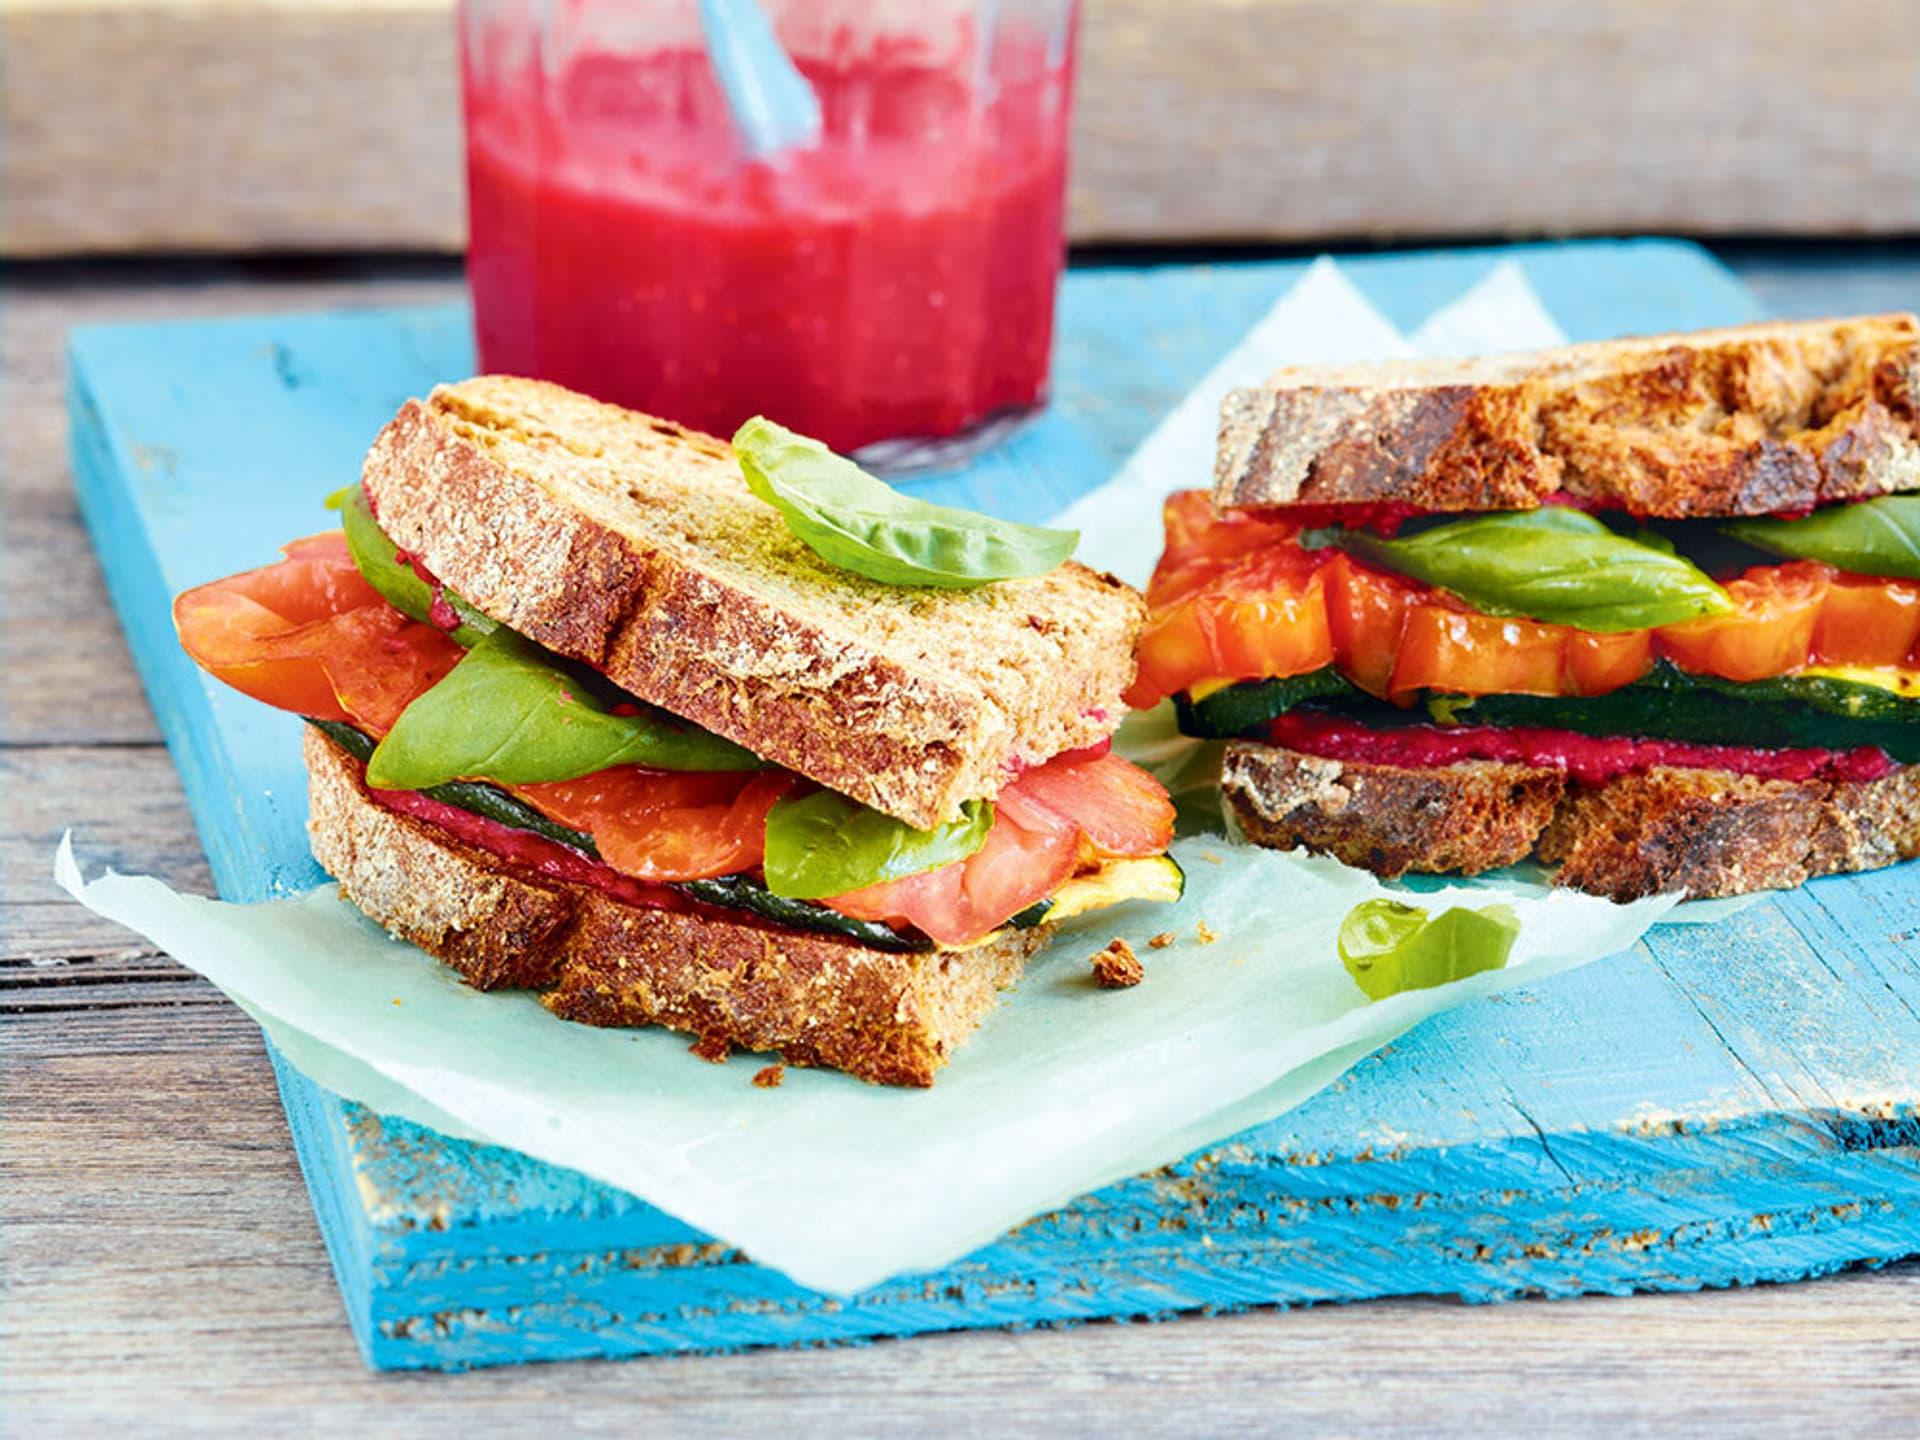 Sandwich auf einer blauen Holzplatte